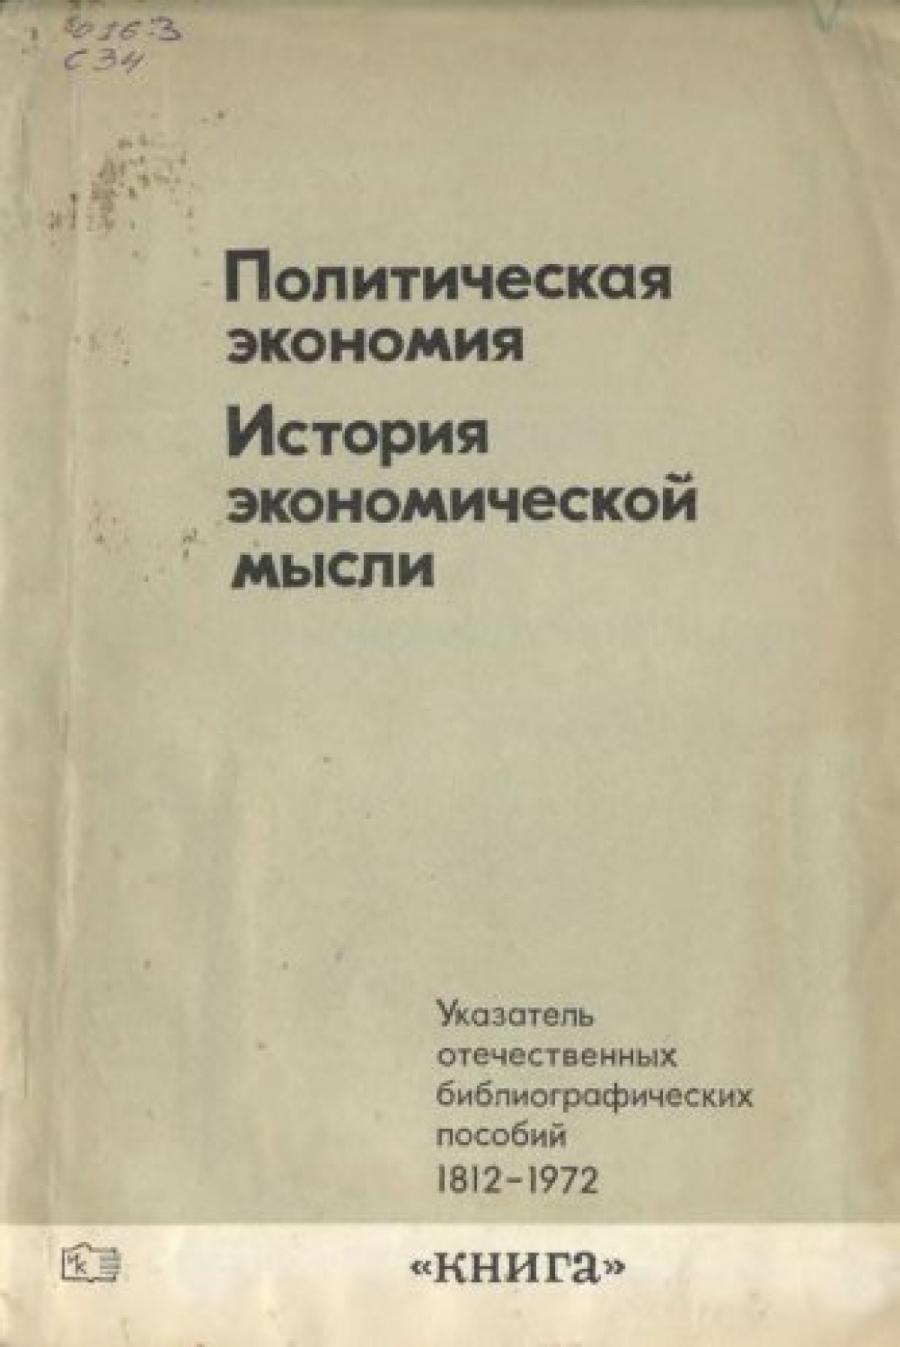 Обложка книги:  сиволгин в.е - политическая экономия. история экономической мысли. аннотированный указатель отечественных библиографических пособий, изданных в 1812—1972 гг